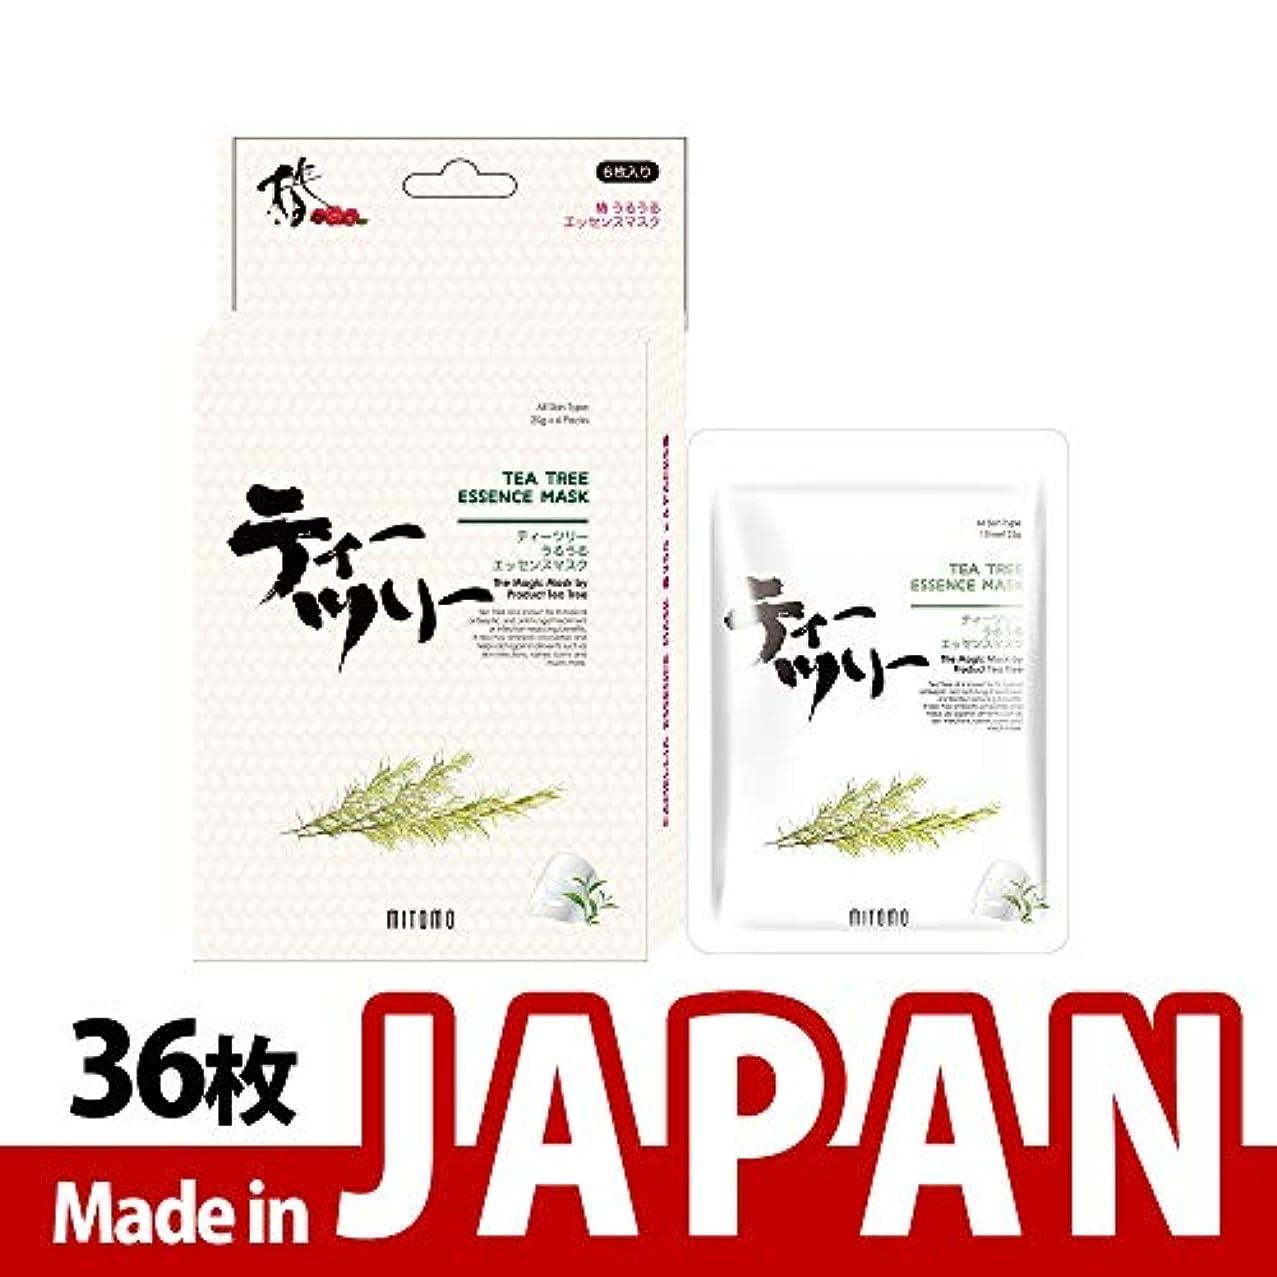 あるメーター波MITOMO【JP512-D-1】日本製シートマスク/6枚入り/36枚/美容液/マスクパック/送料無料